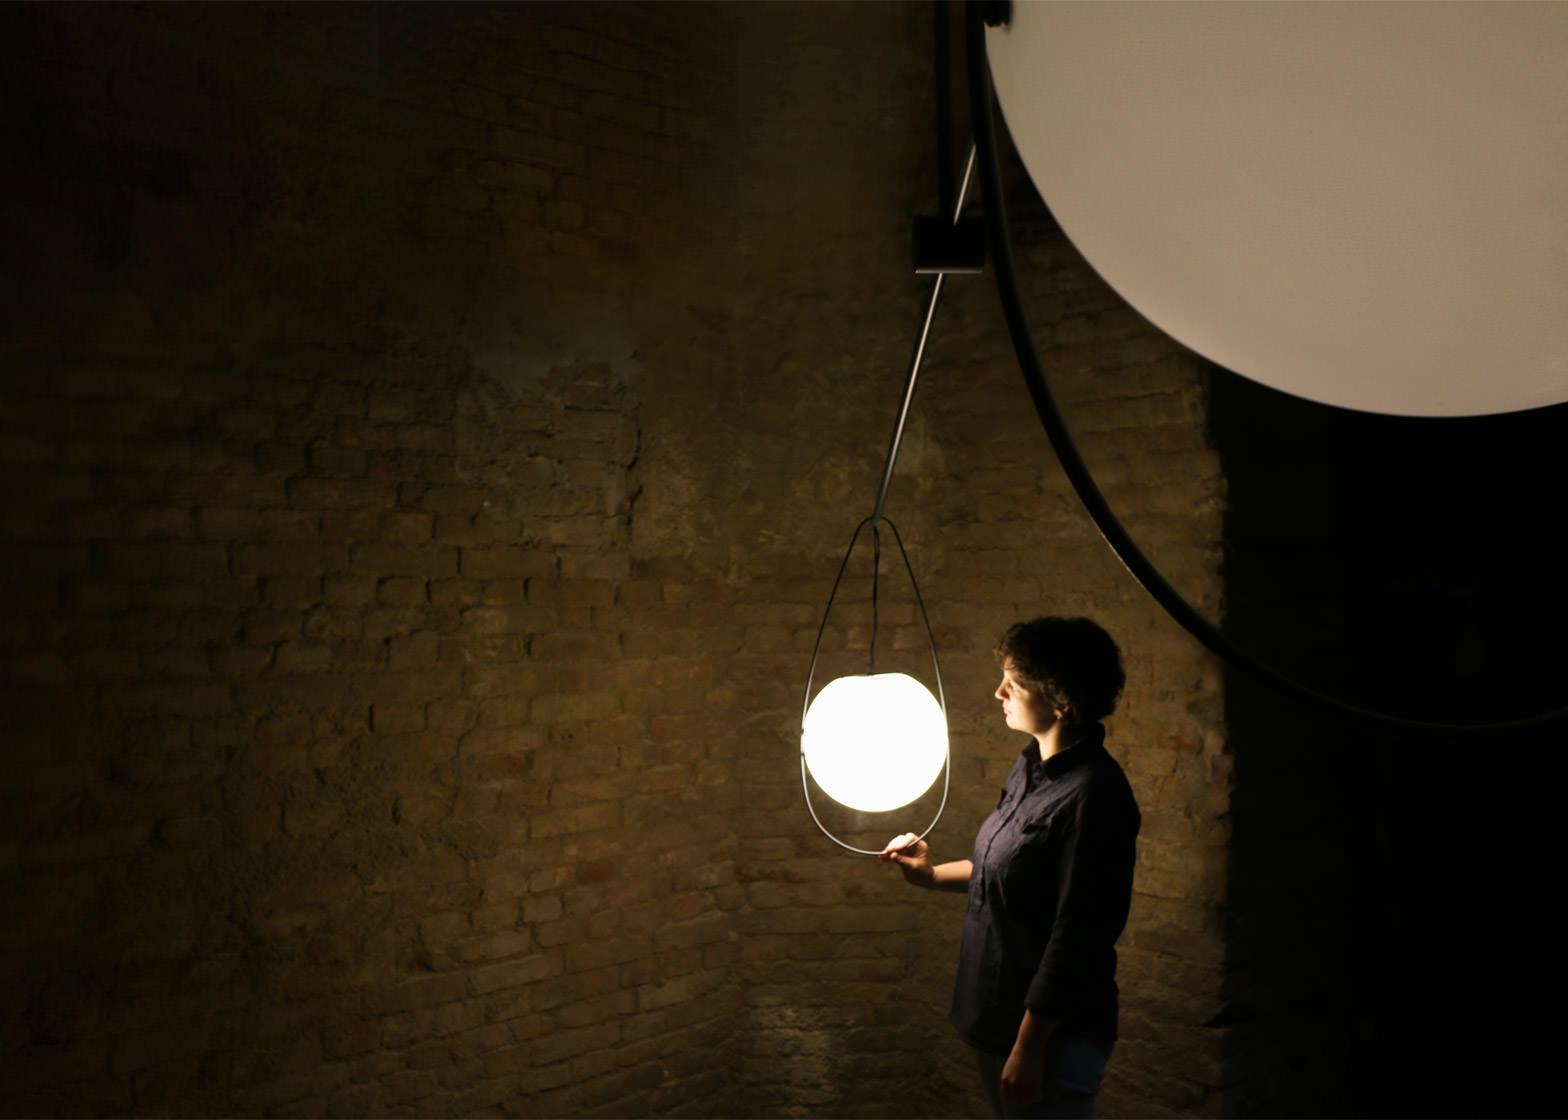 equilumen-mischer-traxler-light-distribution-glas-sphere-design-lighting-motion_dezeen_1568_3